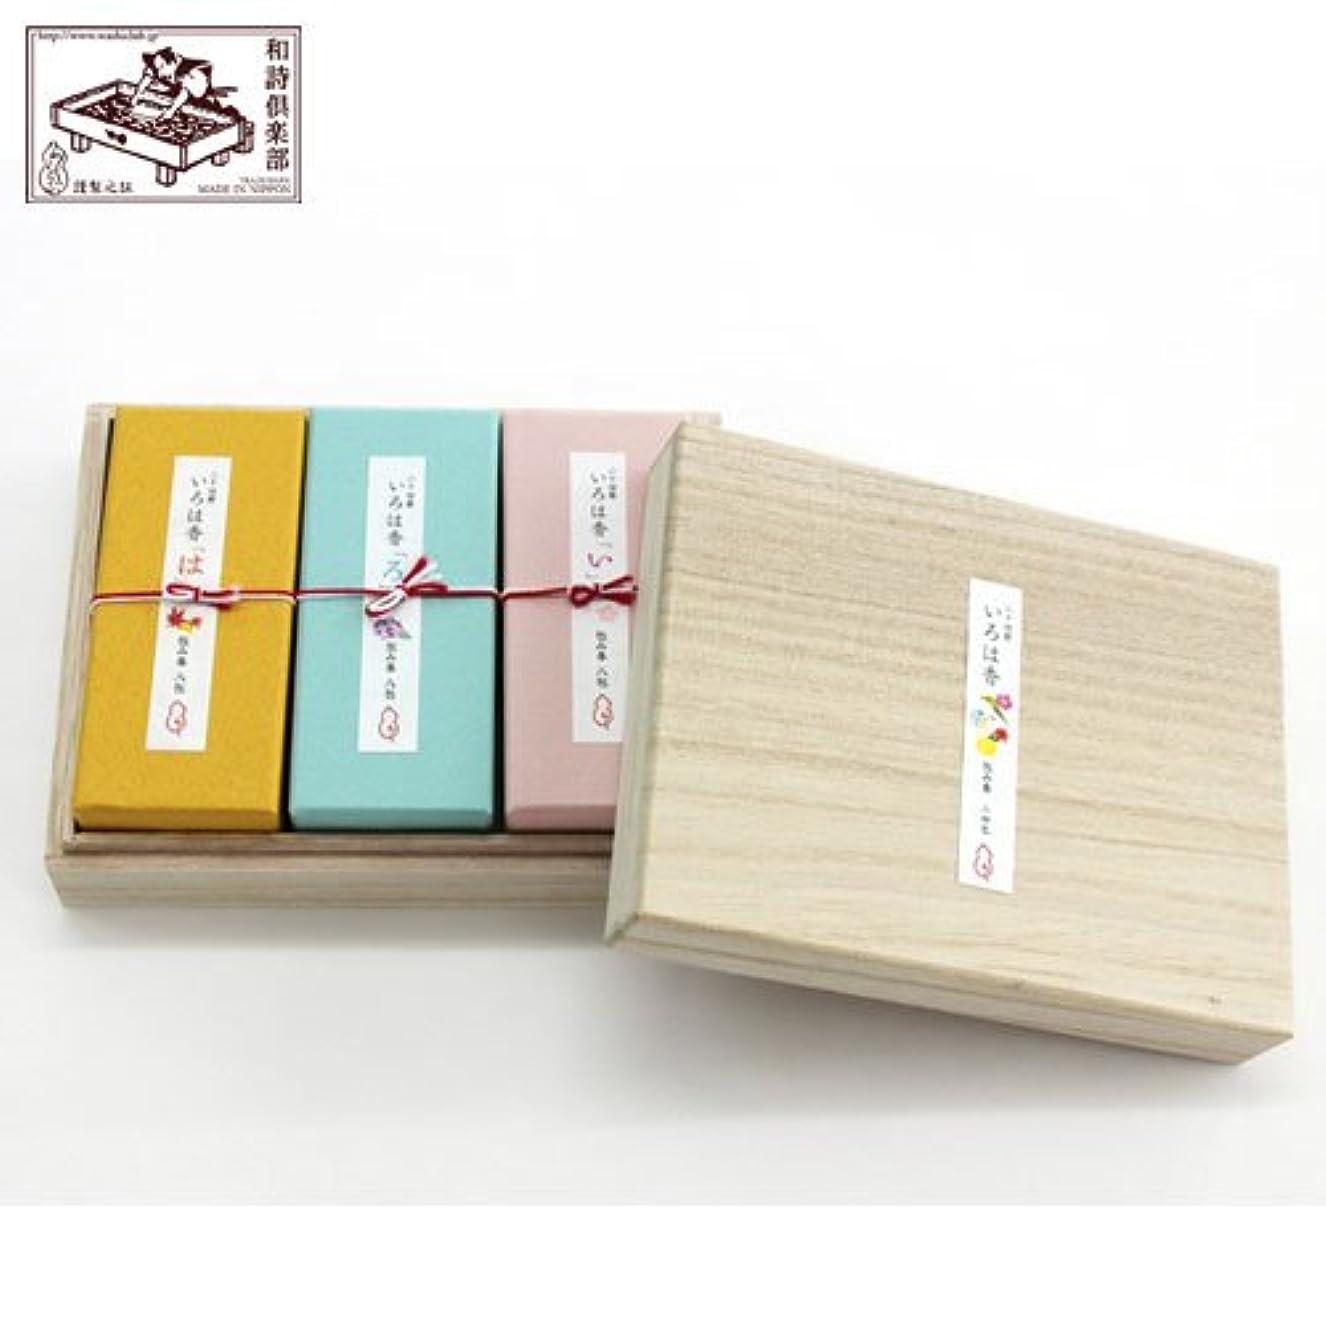 こねる規制する息苦しい文香包み香セットいろは香二十四節気 (TT-001)和詩倶楽部